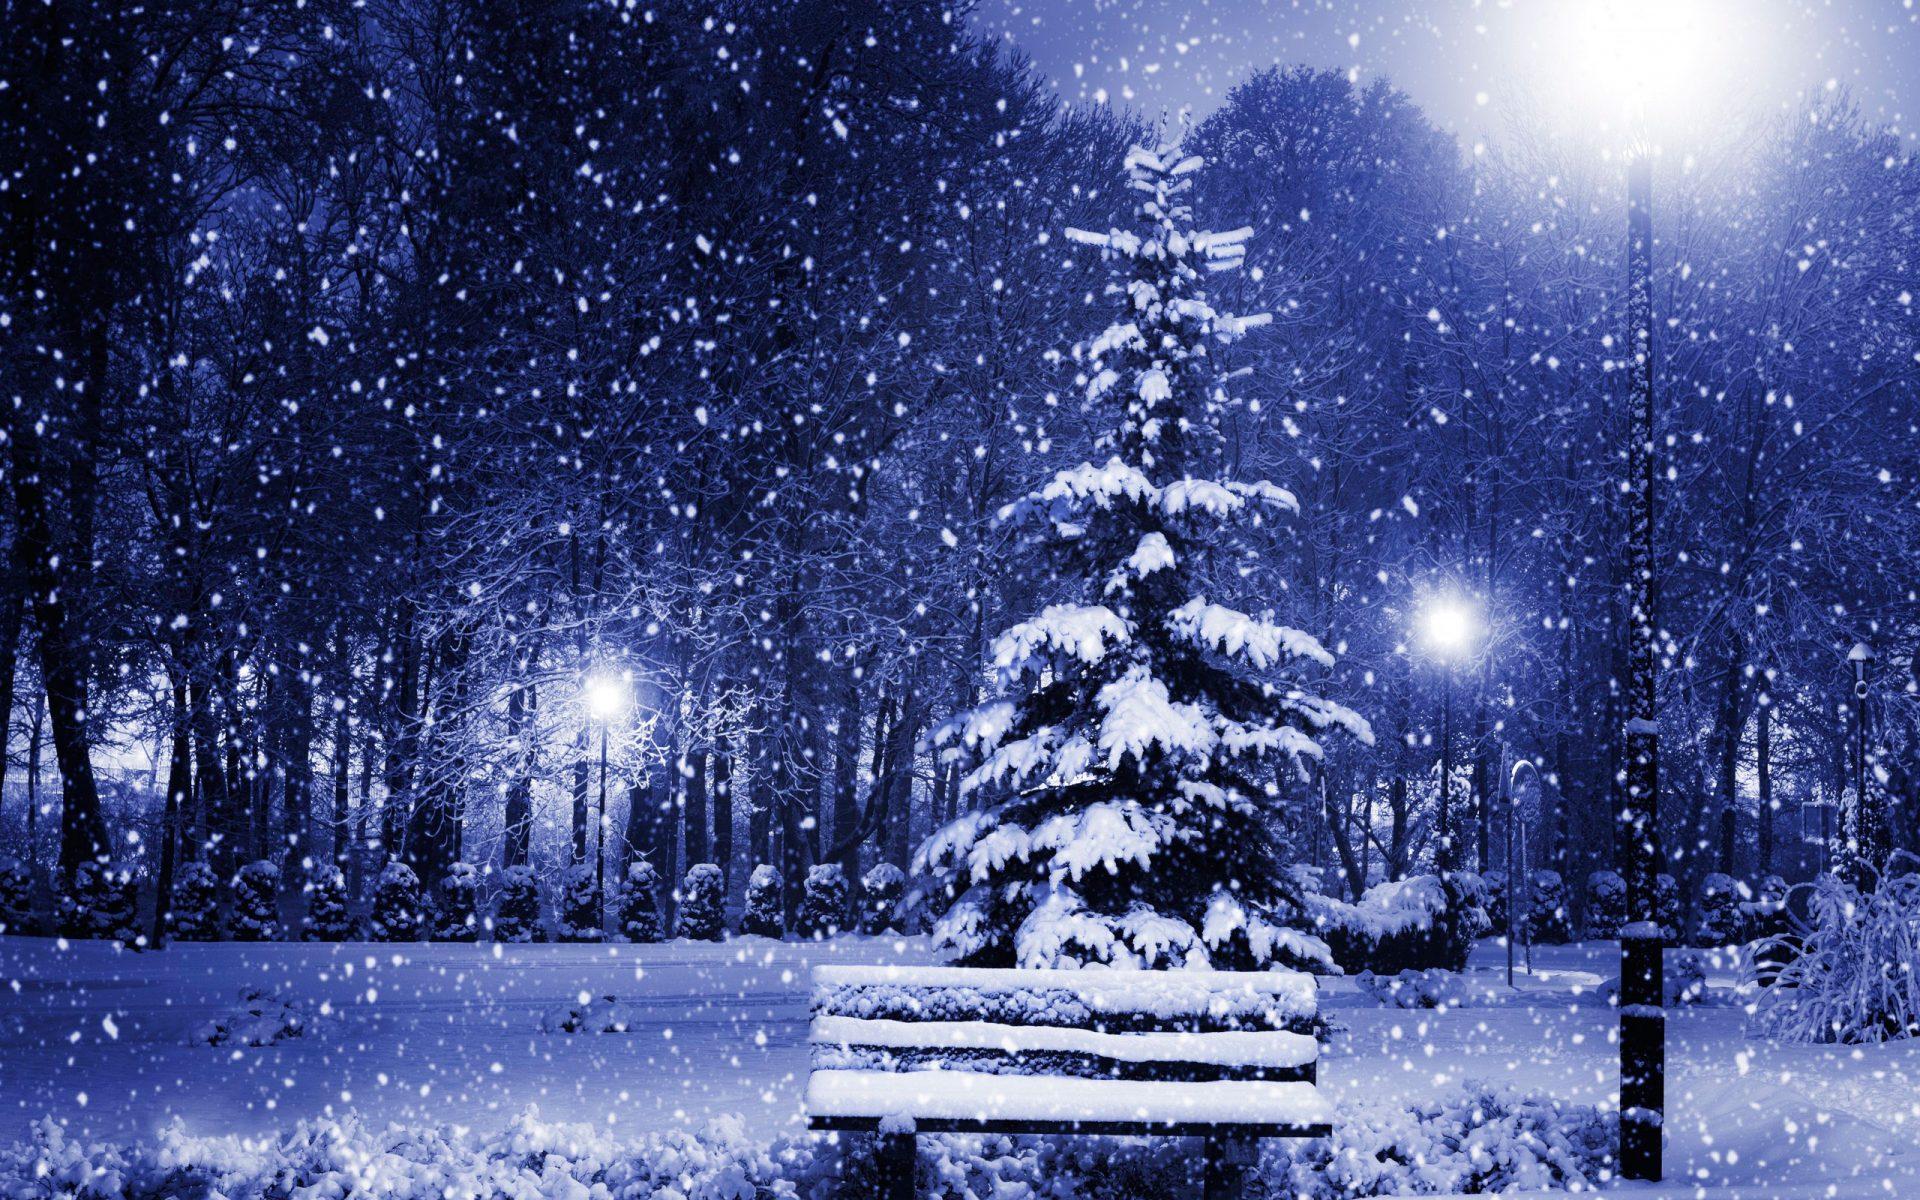 Снег идет картинки красивые новогодние